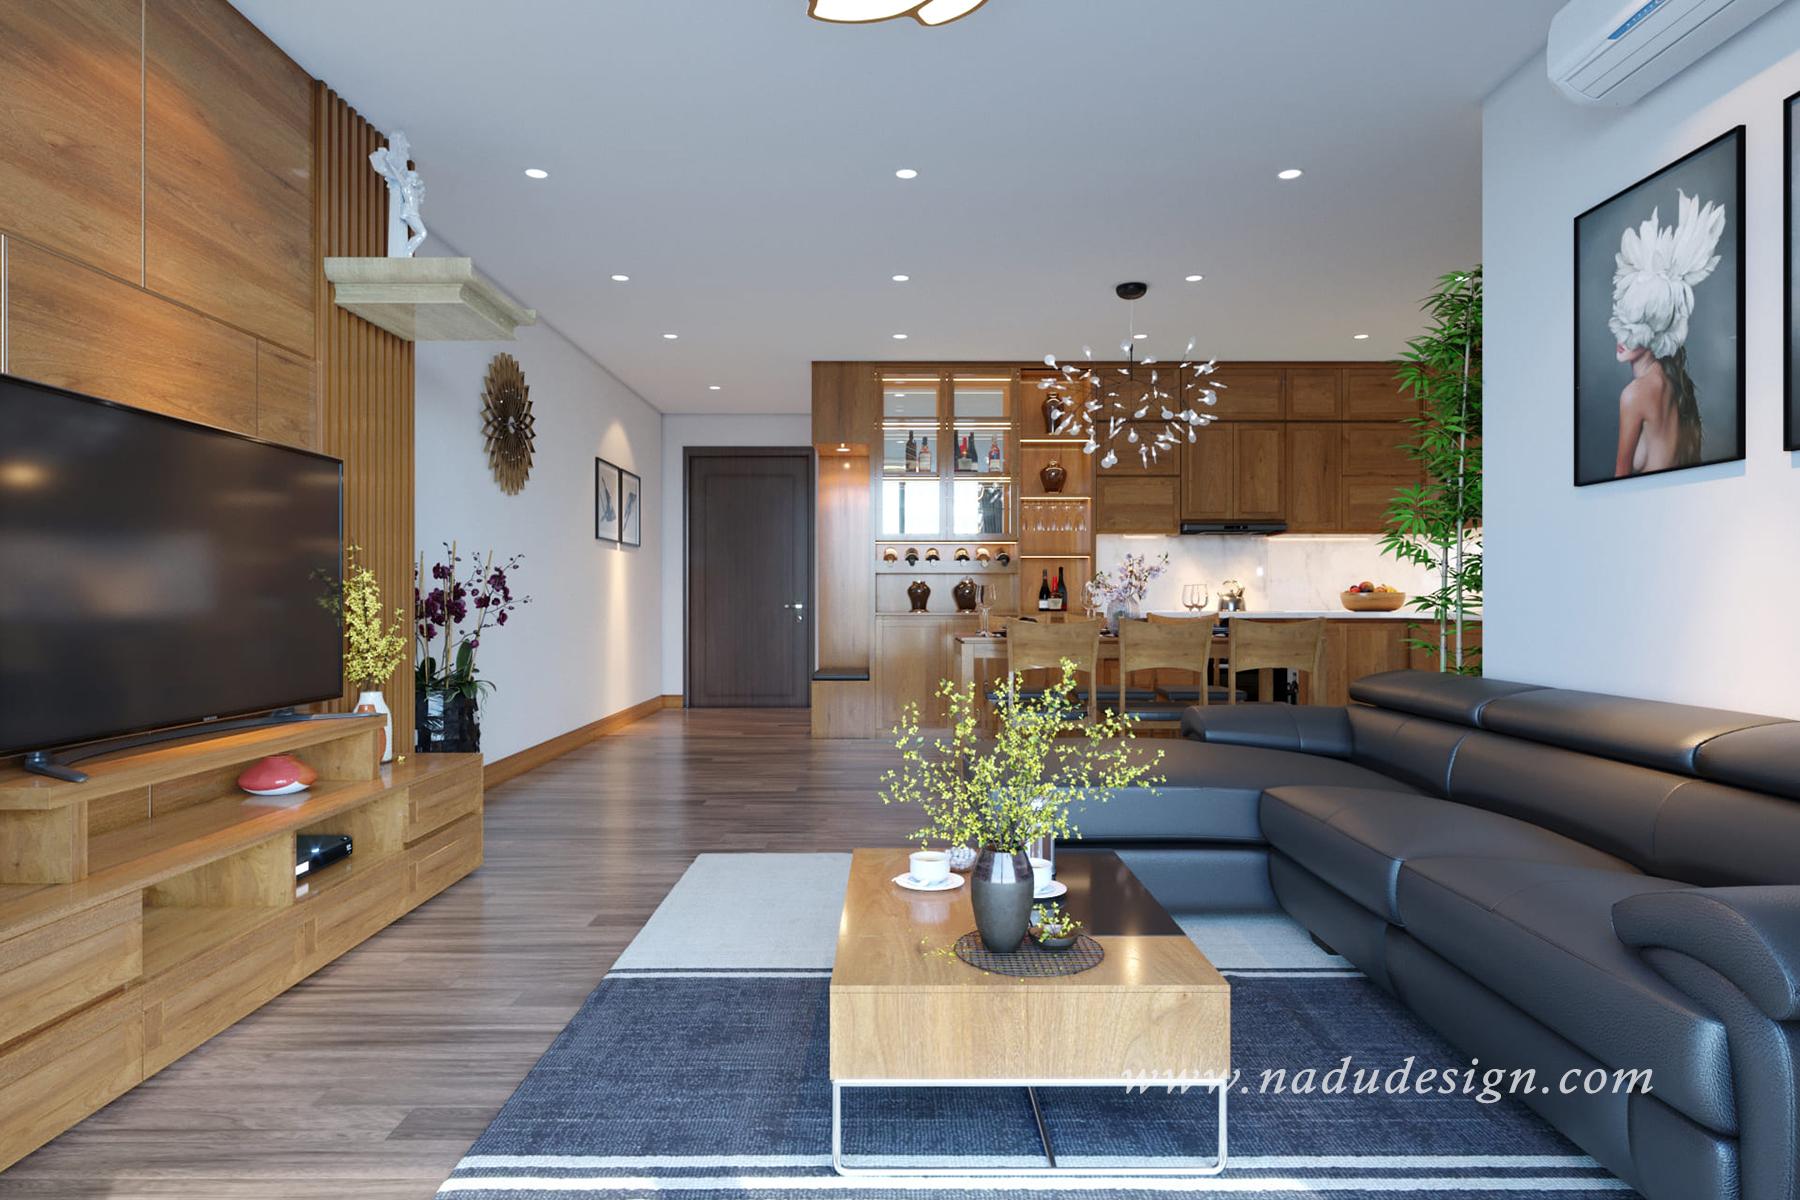 Thiết kế nội thất chung cư Eco Lake View với gỗ tự nhiên cực kỳ ấn tượng